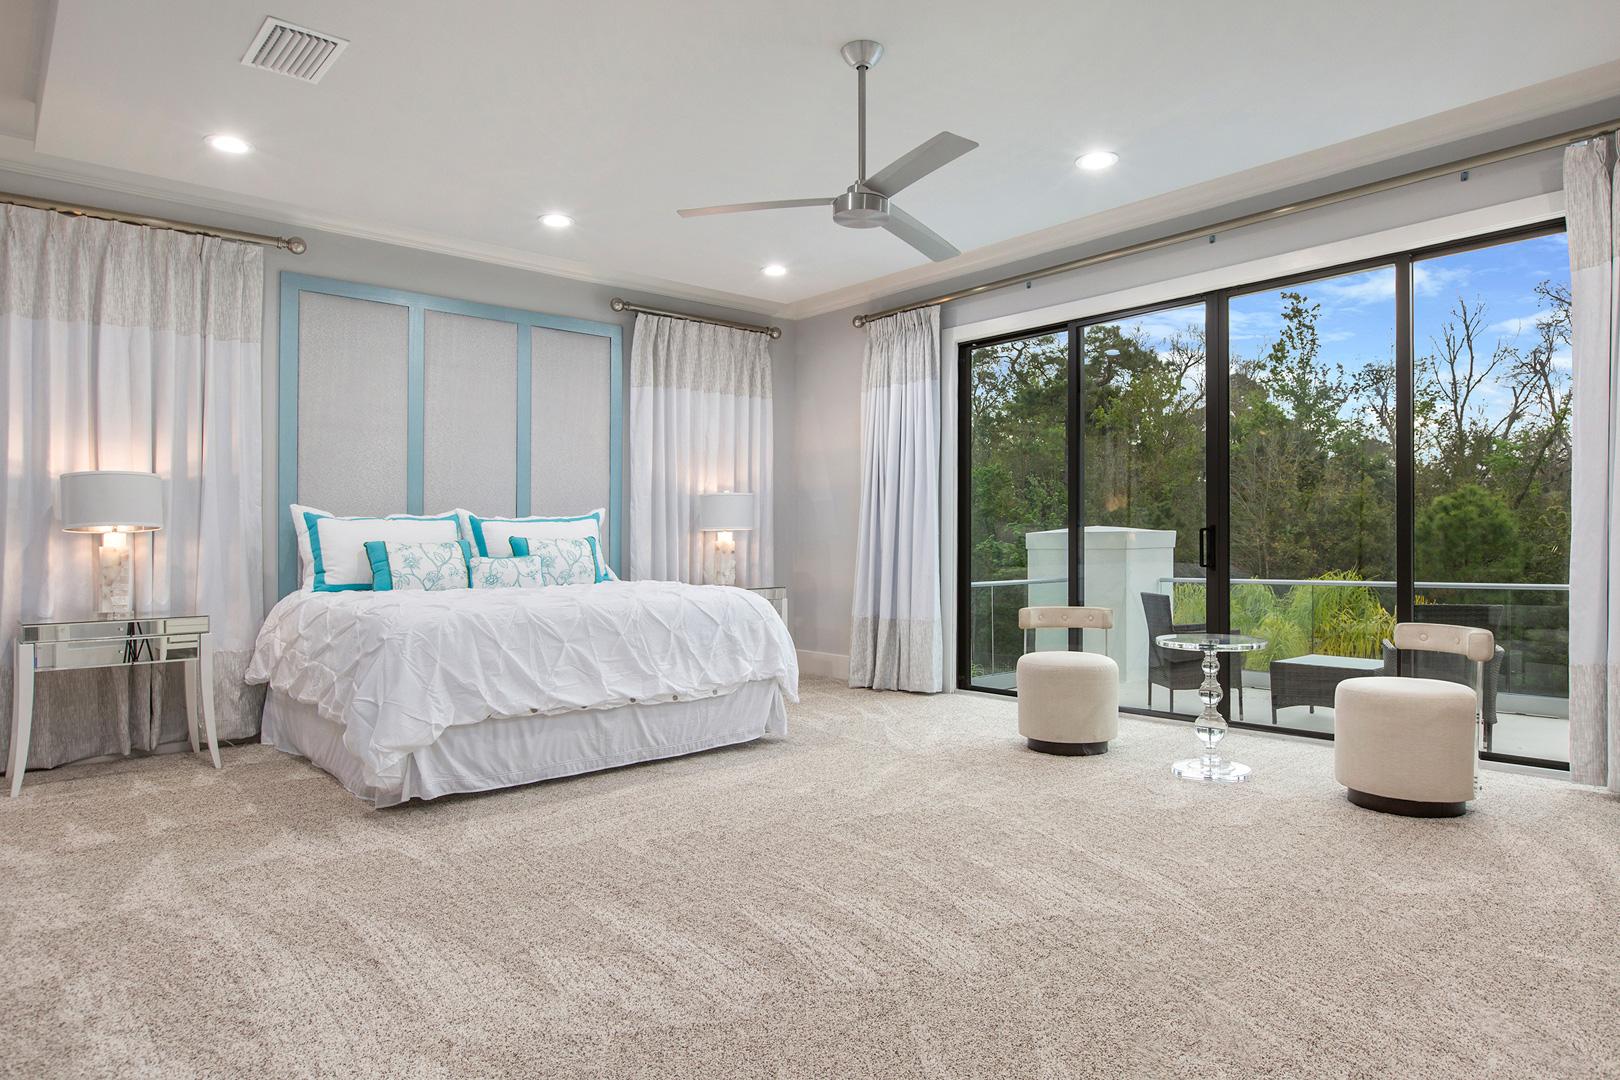 Bedrooms47